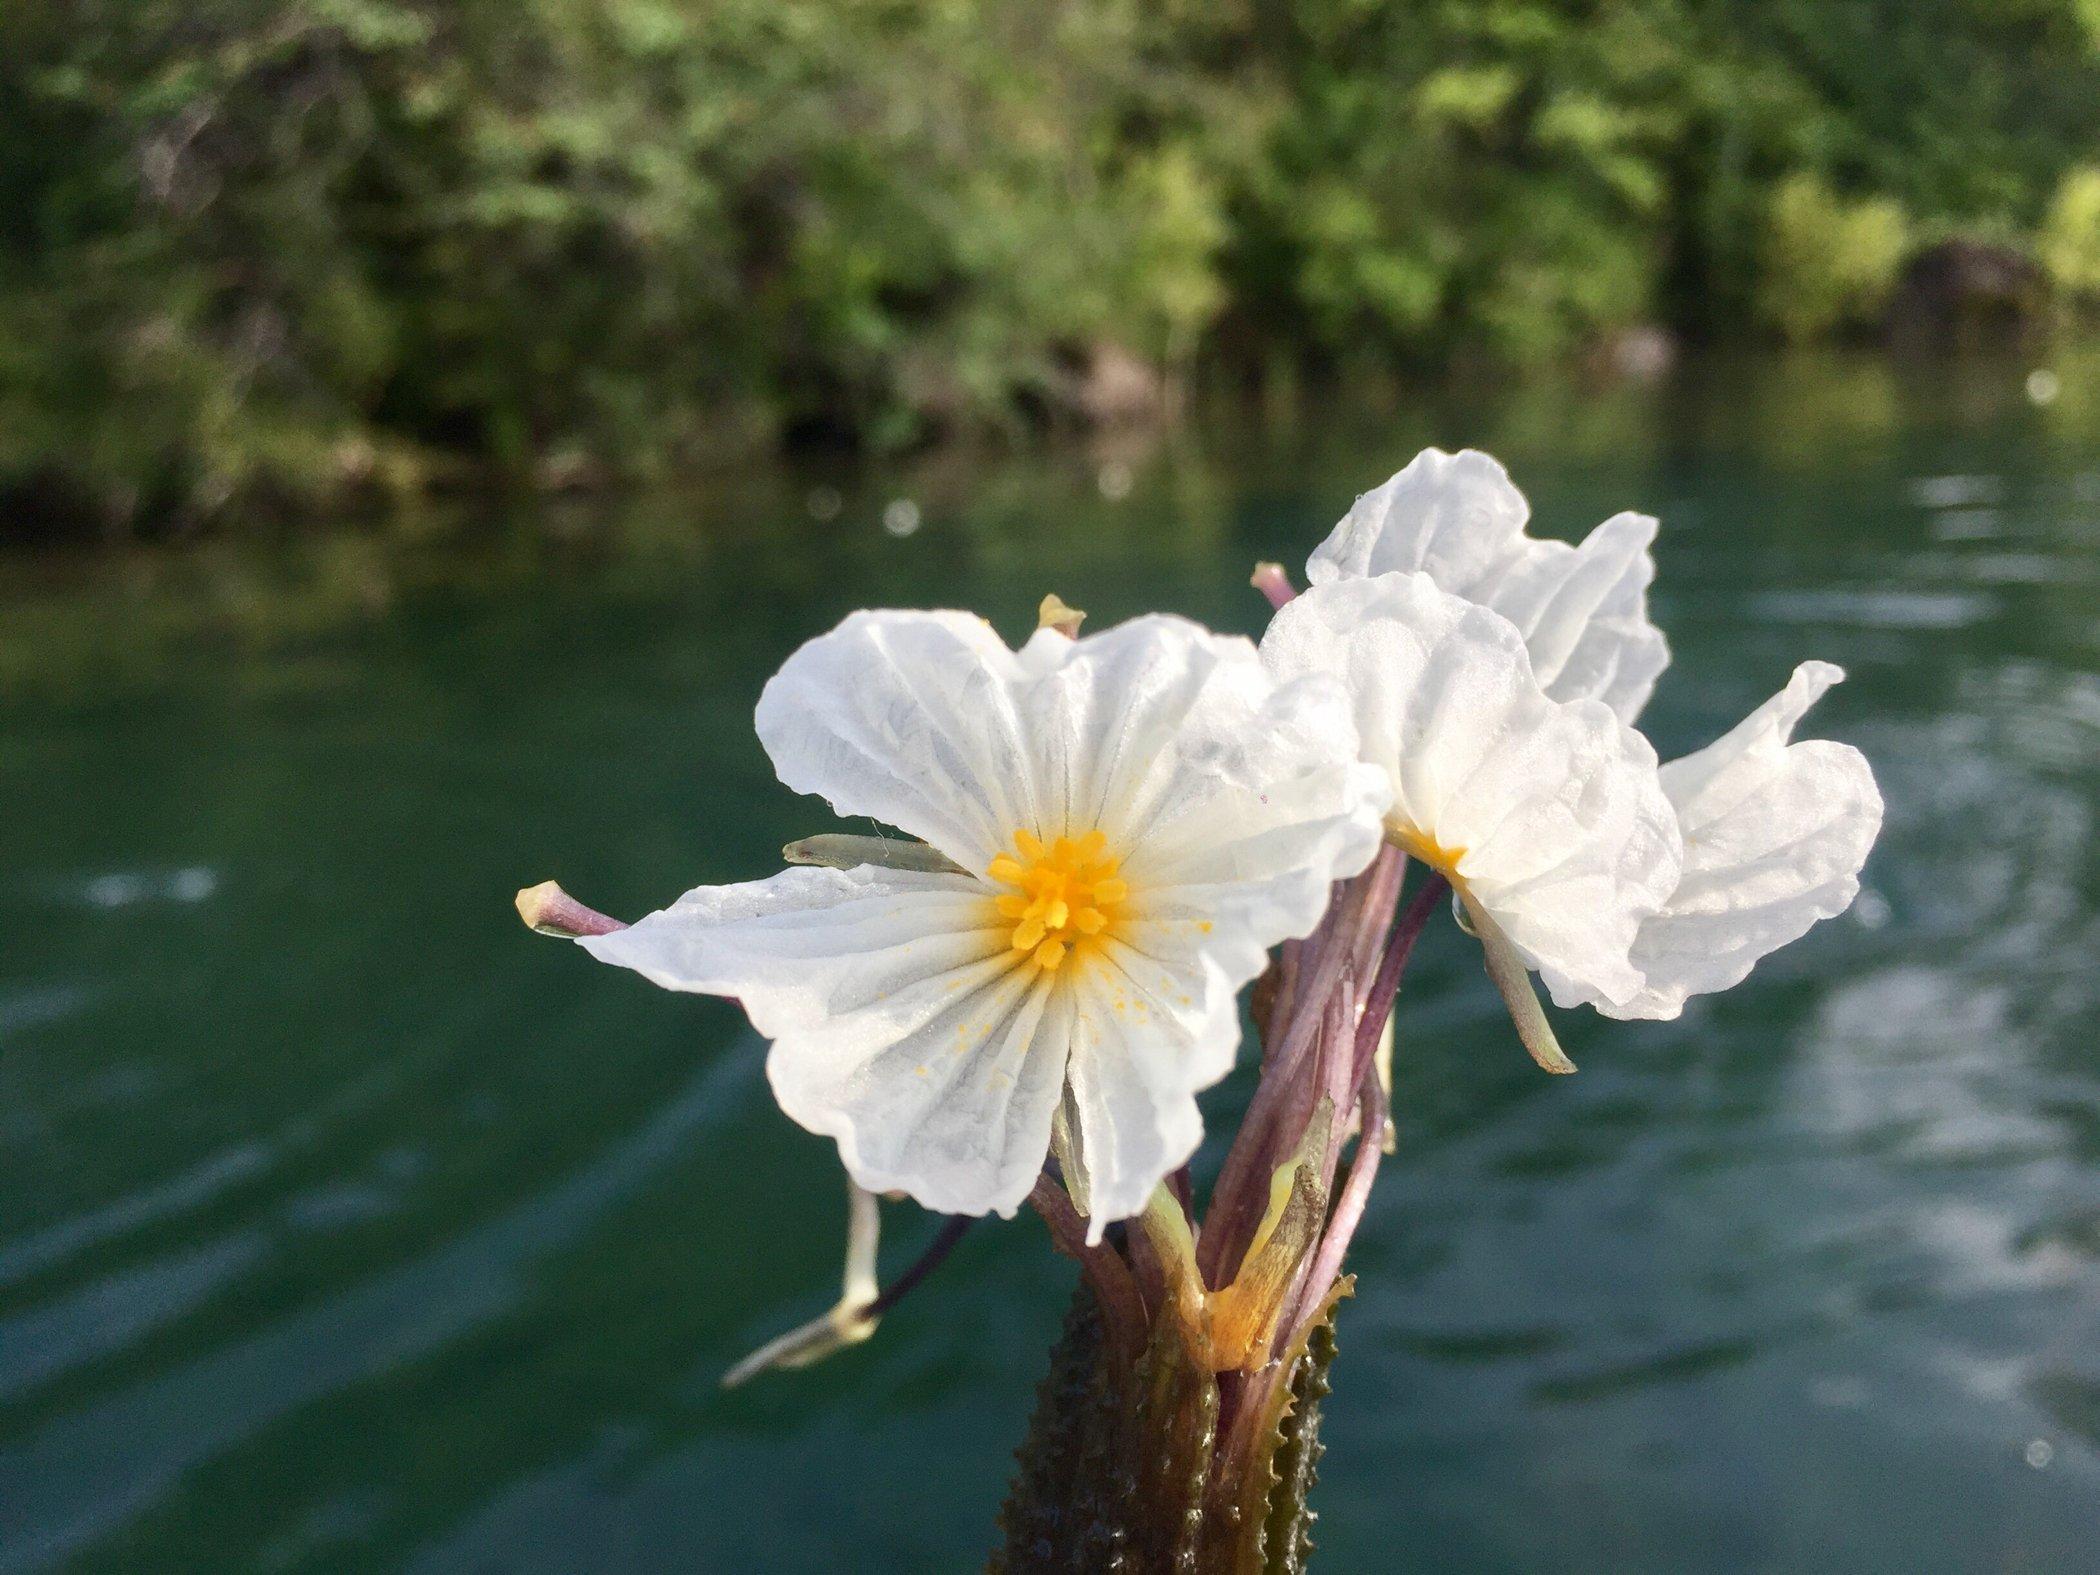 水性杨花的意思_真容难觅里格花园半岛客栈水中花,她叫水性杨花雾里看花水性杨花,漂亮